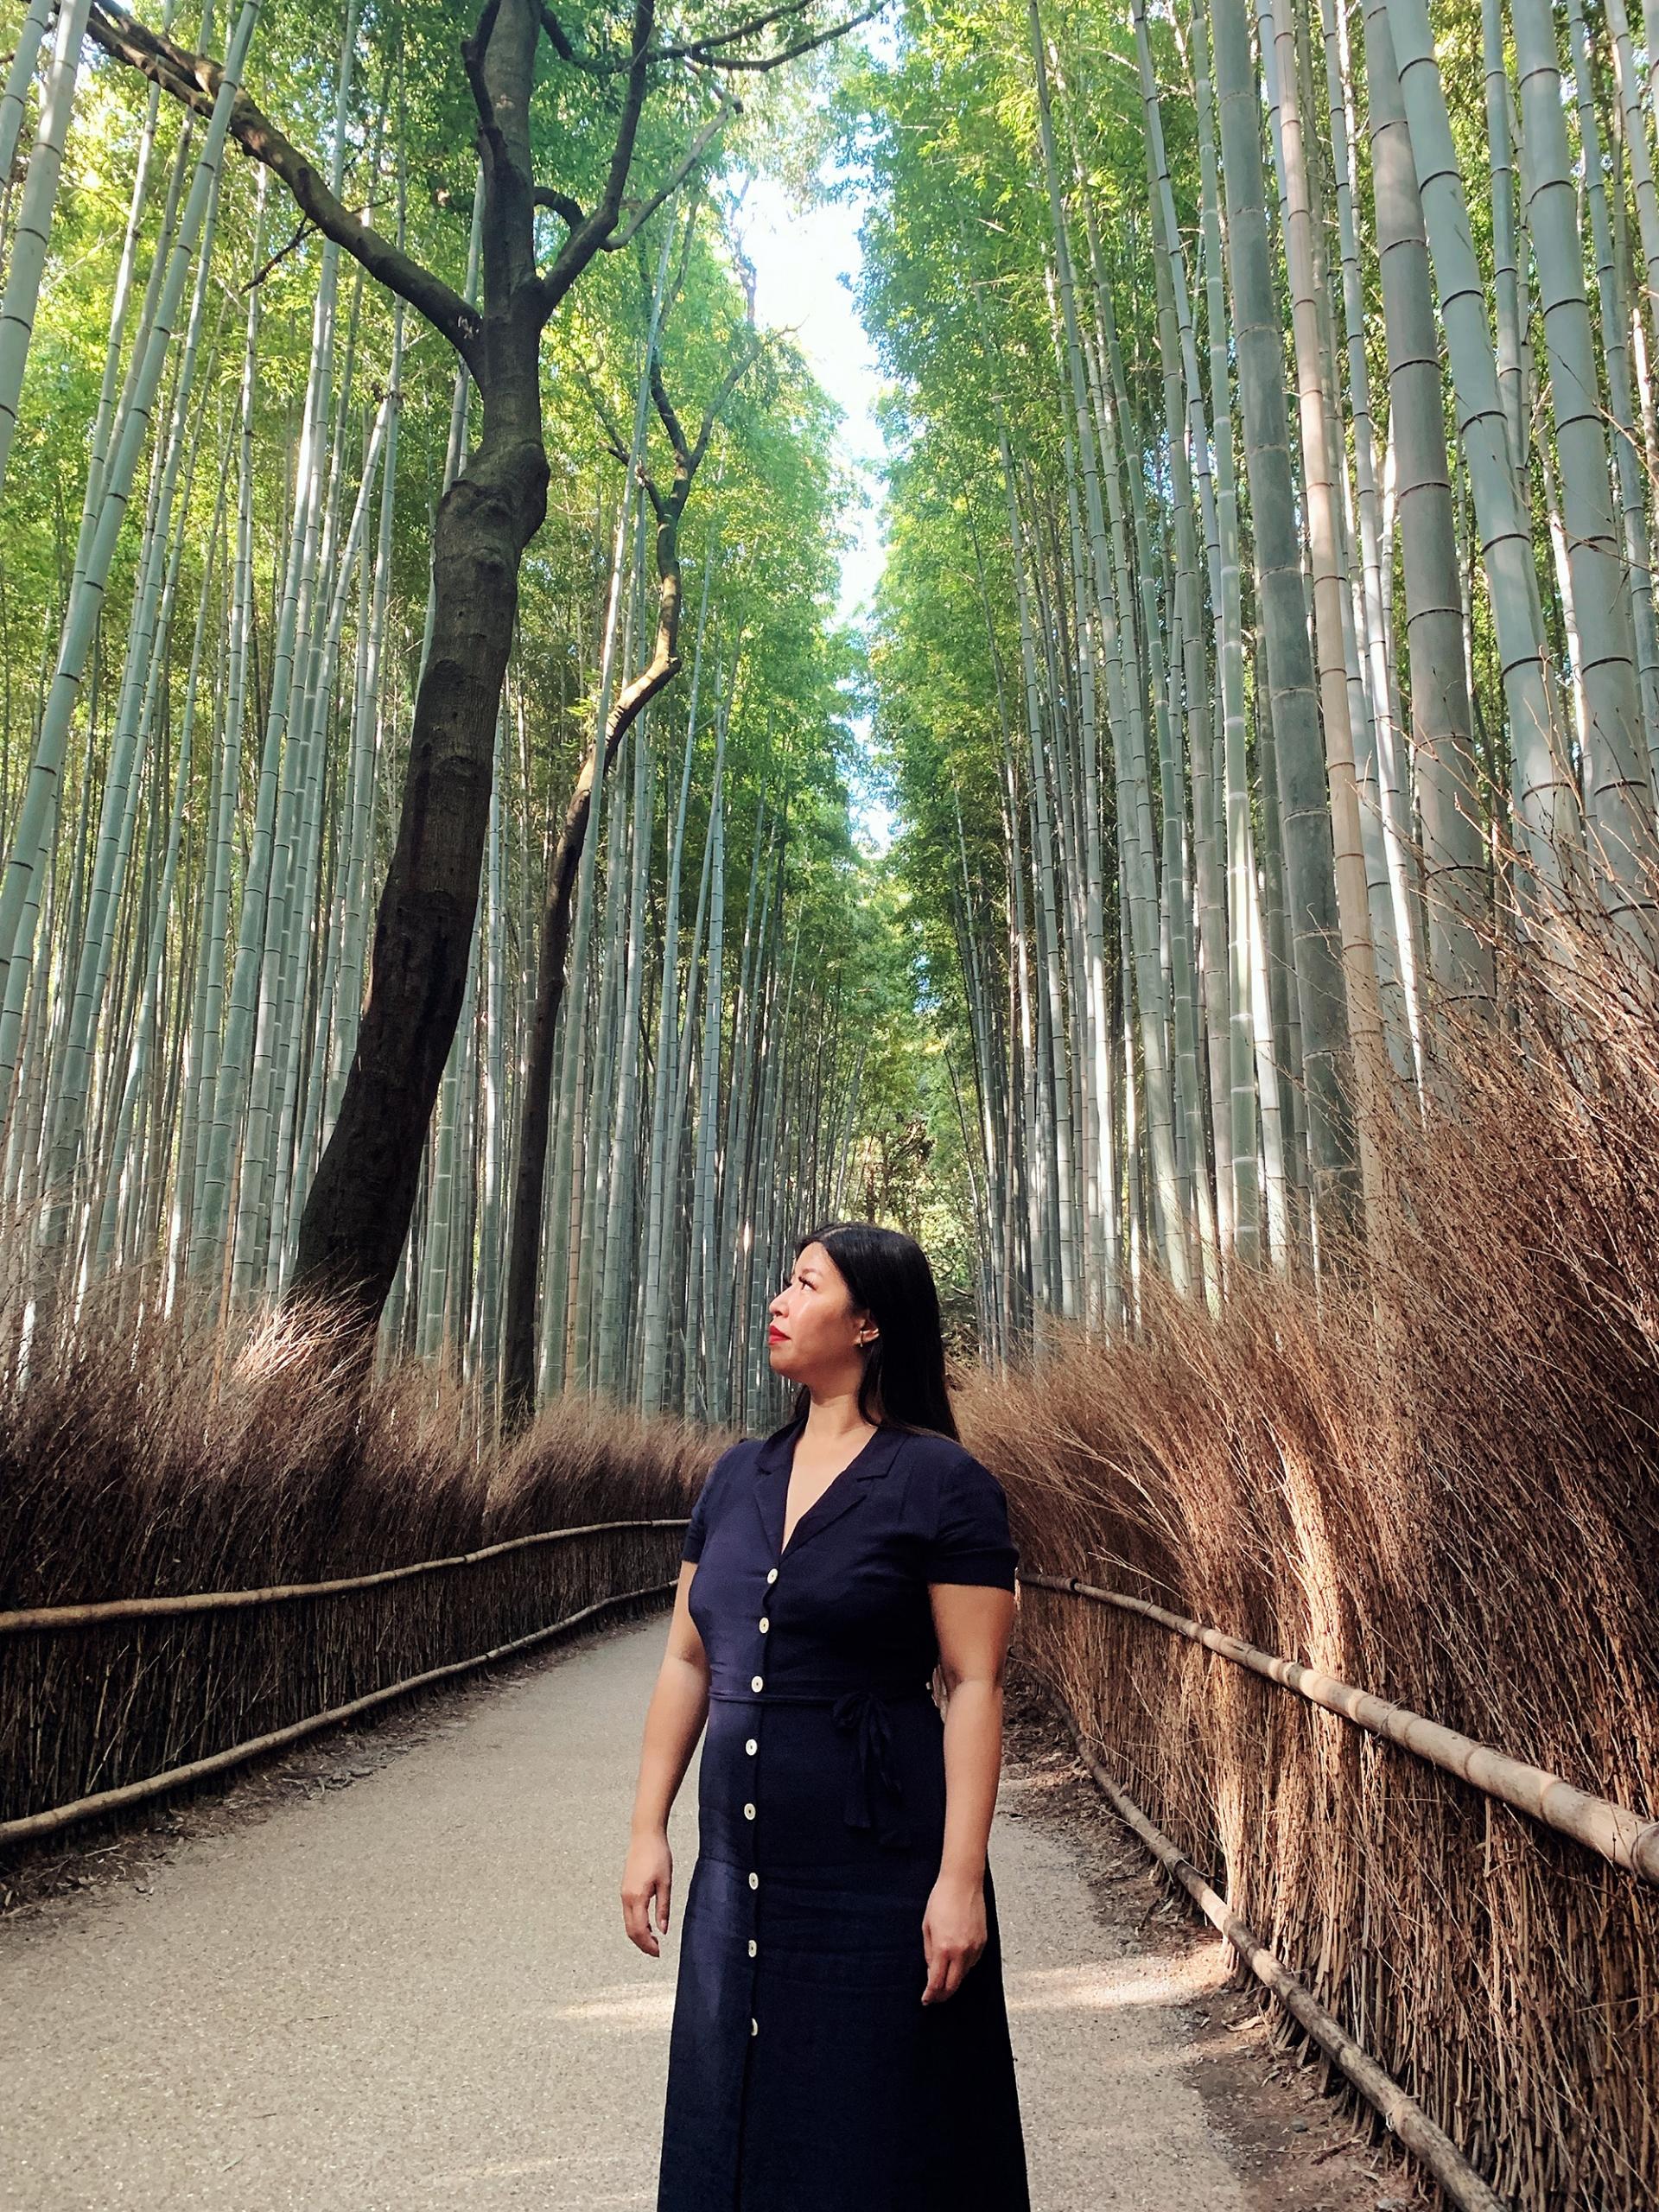 Kyoto Guide - Arashiyama Bamboo Grove